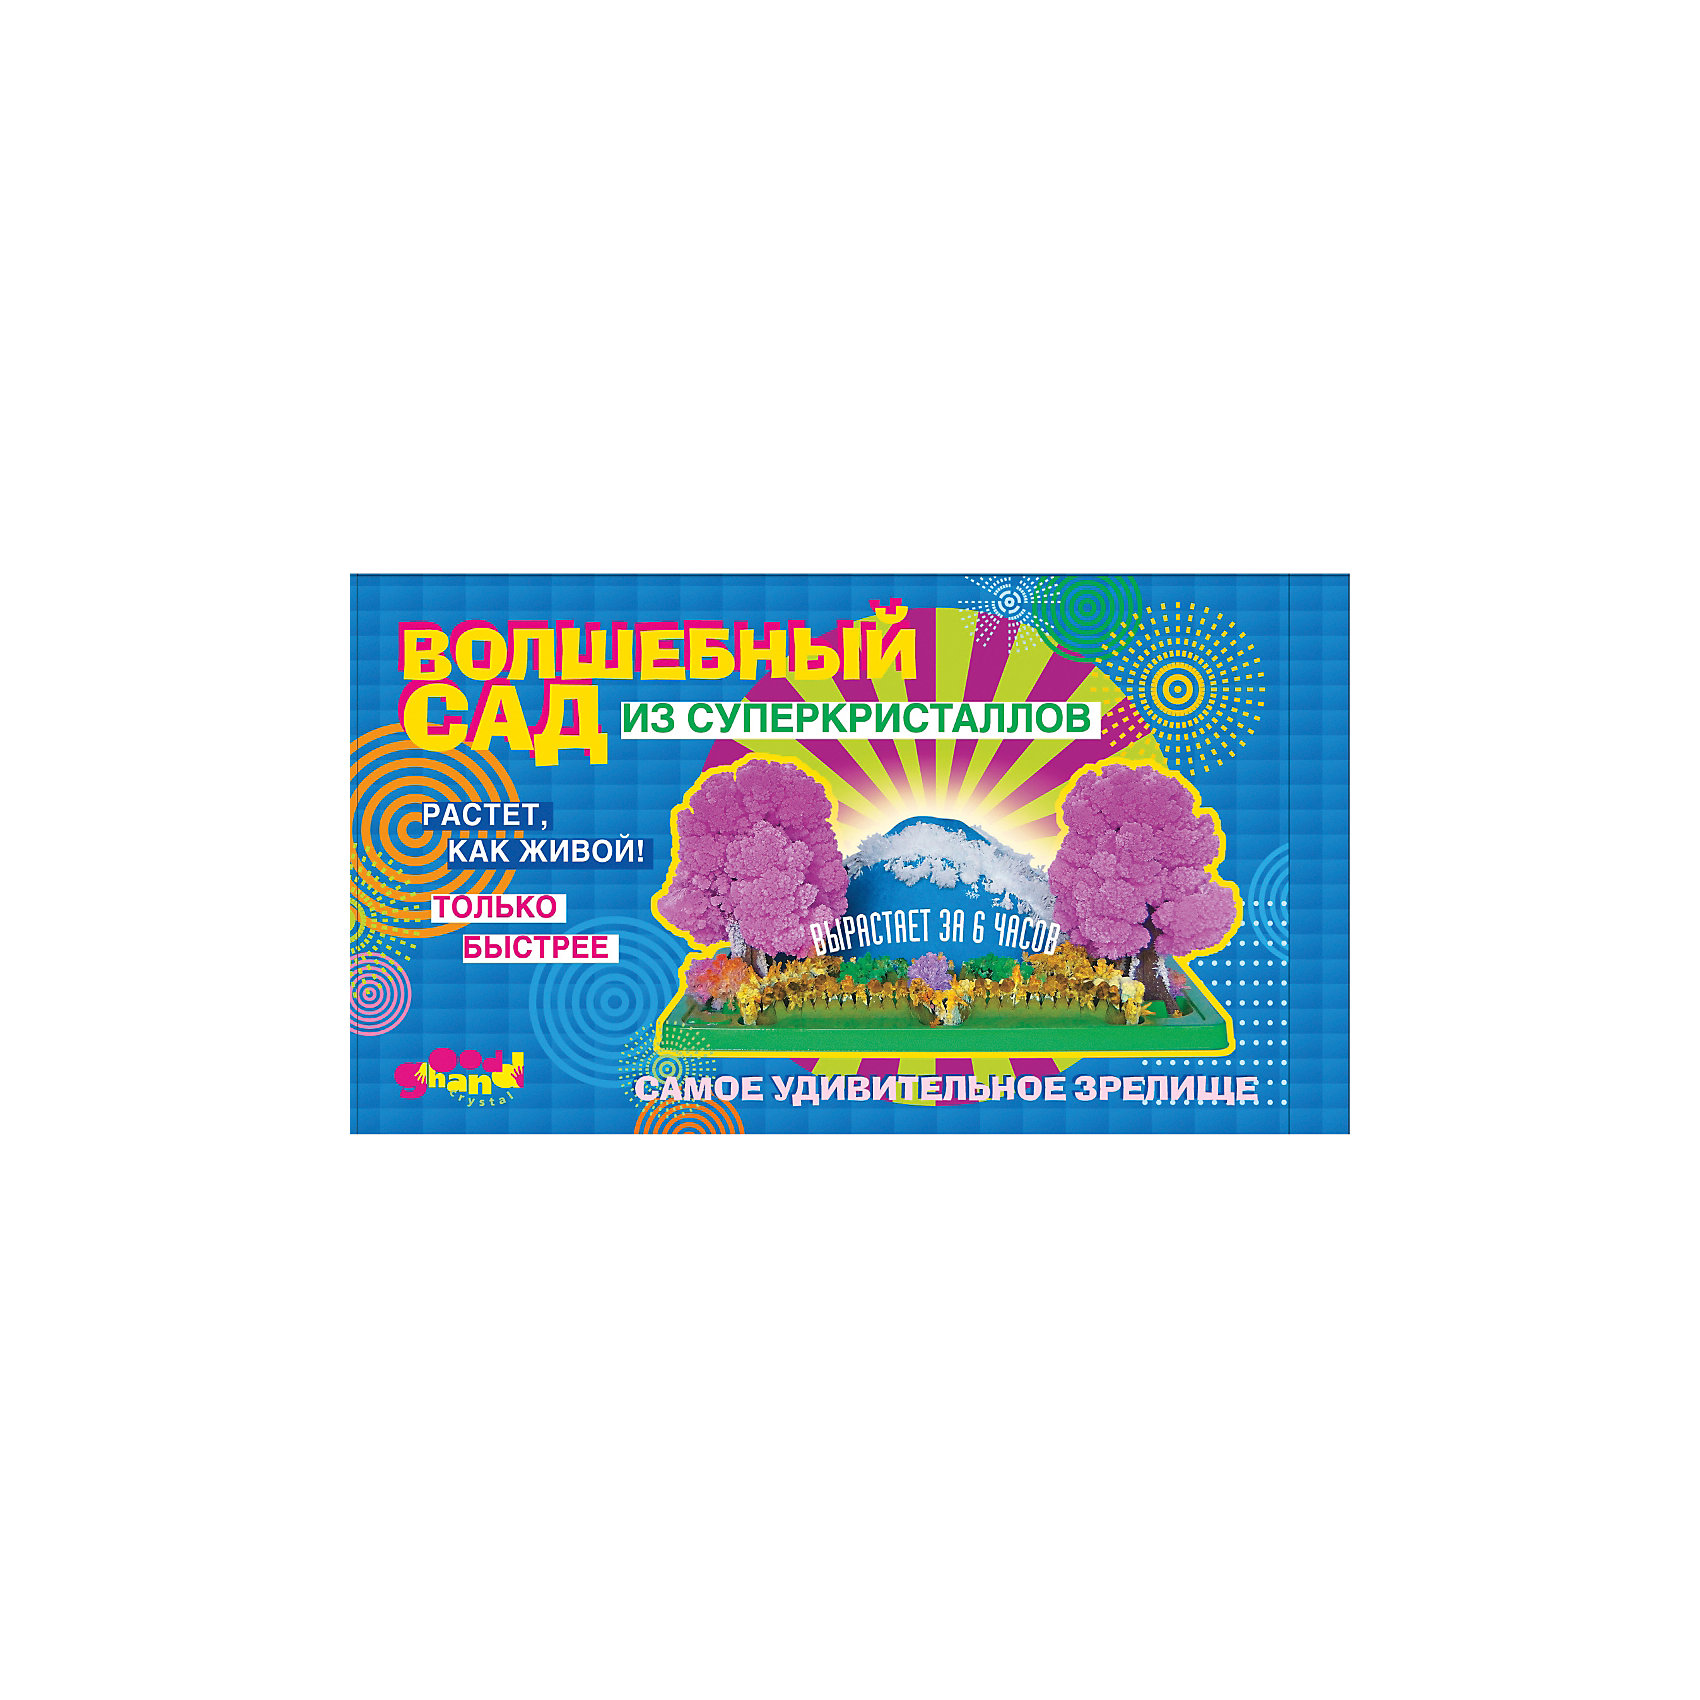 Набор Волшебный садНабор Волшебный сад.<br><br>Характеристика: <br><br>• Возраст: от 5 лет<br>• Материал: фосфат аммония, пластик, бумага.<br>• Размер: 15х25х1,5 см.<br>• Комплектация: реактивы для выращивания кристаллов и бумажный каркас<br>• Развивает внимание, мелкую моторику, воображение; расширяет кругозор. <br>• Использовать под присмотром взрослых.<br><br>С помощью этого оригинального набора ваш ребенок сможет вырастить удивительный волшебный сад прямо на столе. Нужно лишь смочить бумажную основу реагентом и немного подождать. Восхитительные деревья из множества переливающихся кристаллов обязательно понравятся вашему юному ученому. <br>Занятия с набором расширяют кругозор детей, развивают мышление, внимание и фантазию.<br><br>Набор Волшебный сад можно купить в нашем интернет-магазине.<br><br>Ширина мм: 150<br>Глубина мм: 250<br>Высота мм: 15<br>Вес г: 182<br>Возраст от месяцев: 60<br>Возраст до месяцев: 2147483647<br>Пол: Унисекс<br>Возраст: Детский<br>SKU: 5487908